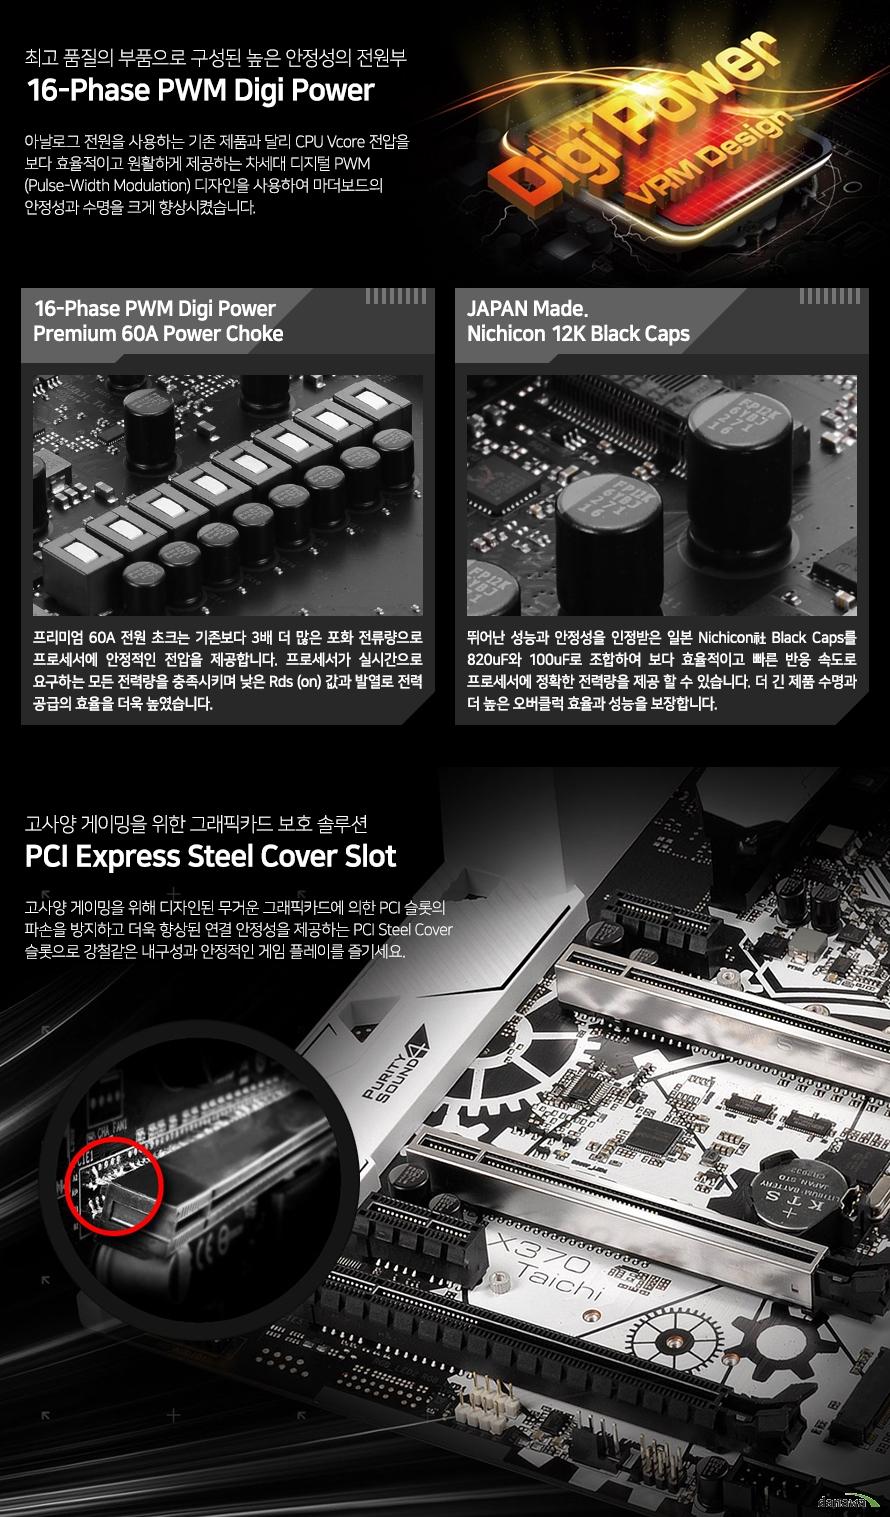 아날로그 전원을 사용하는 기존 제품과 달리 CPU Vcore 전압을 보다 효율적이고 원활하게 제공하는 차세대 디지털 PWM (Pulse-Width Modulation) 디자인을 사용하여 마더보드의 안정성과 수명을 크게 향상시켰습니다. 고사양 게이밍을 위해 디자인된 무거운 그래픽카드에 의한 PCI 슬롯의 파손을 방지하고 더욱 향상된 연결 안정성을 제공하는 PCI Steel Cover 슬롯으로 강철같은 내구성과 안정적인 게임 플레이를 즐기세요.